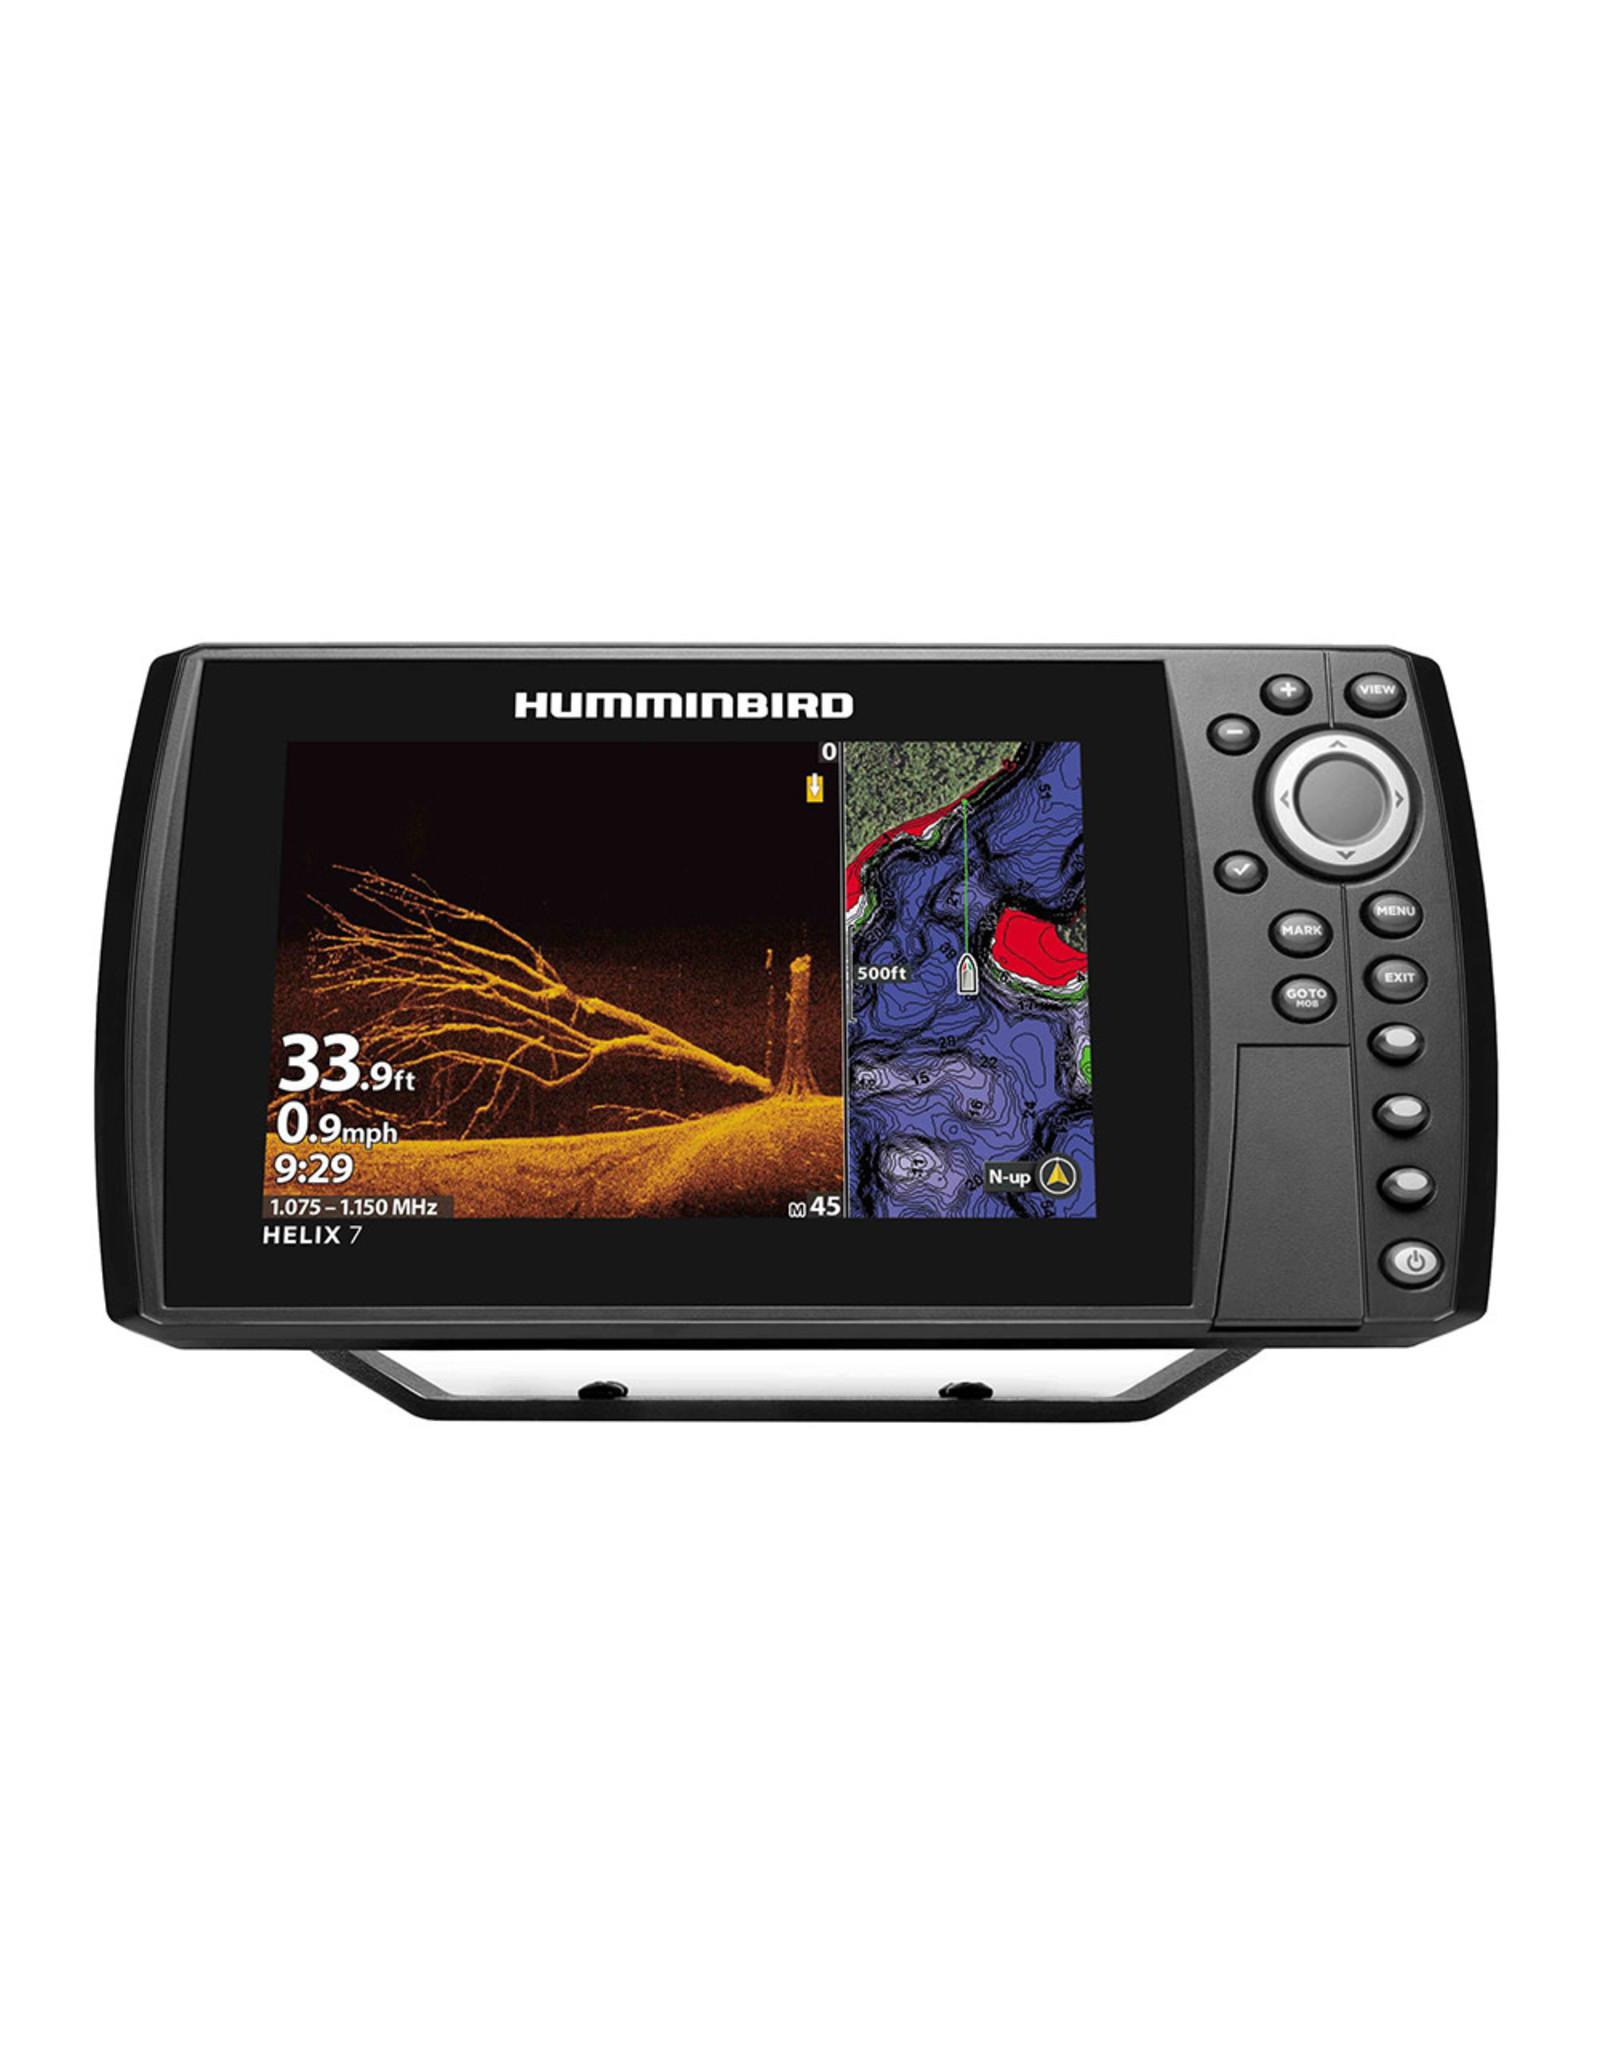 Humminbird HELIX 7 CHIRP MEGA DI GPS G4N CHO